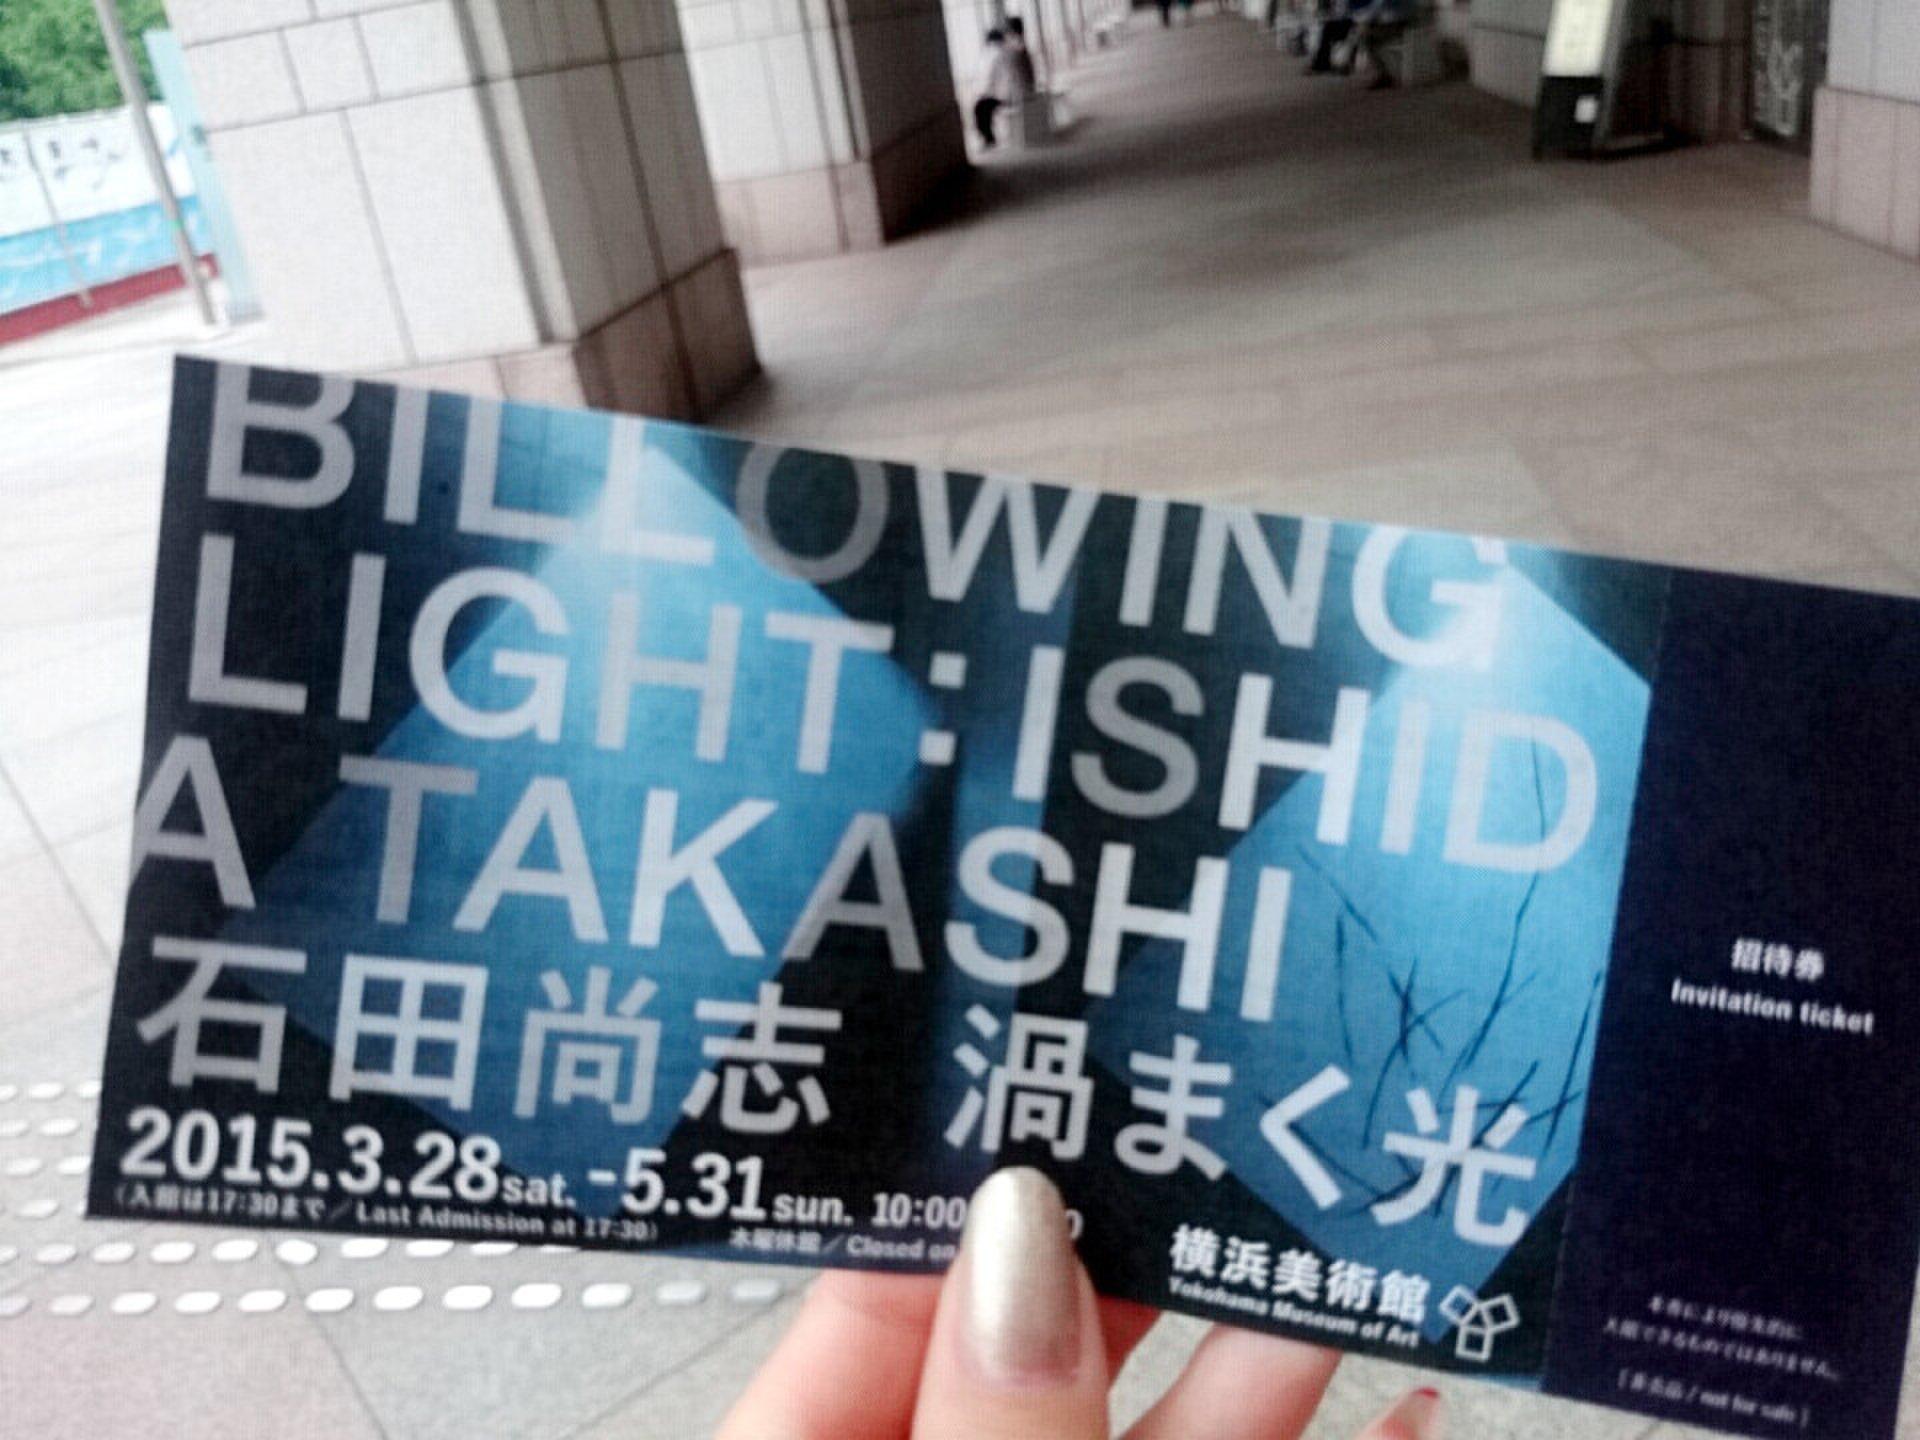 横浜で芸術鑑賞!アートを満喫するデートプラン!横浜美術館